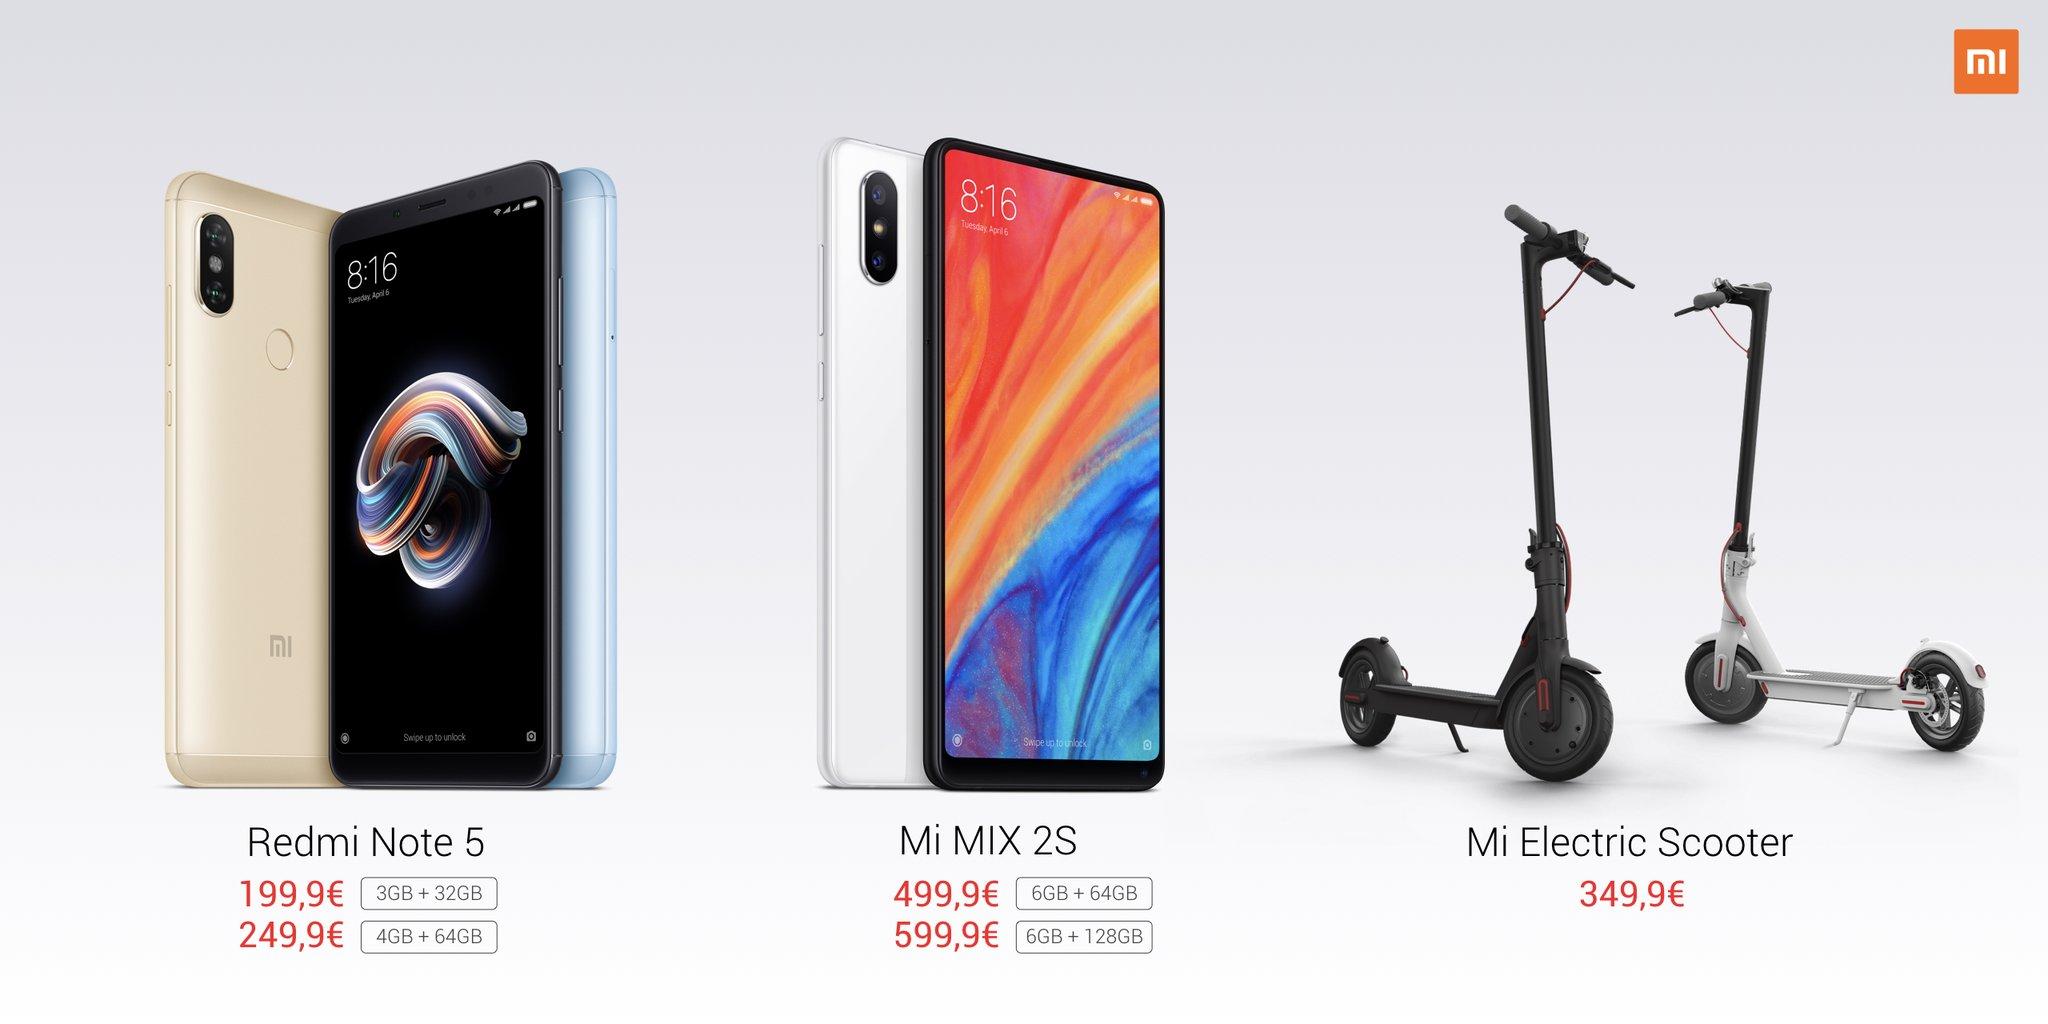 Quels sont les produits Xiaomi disponibles officiellement en France et à quels prix ?